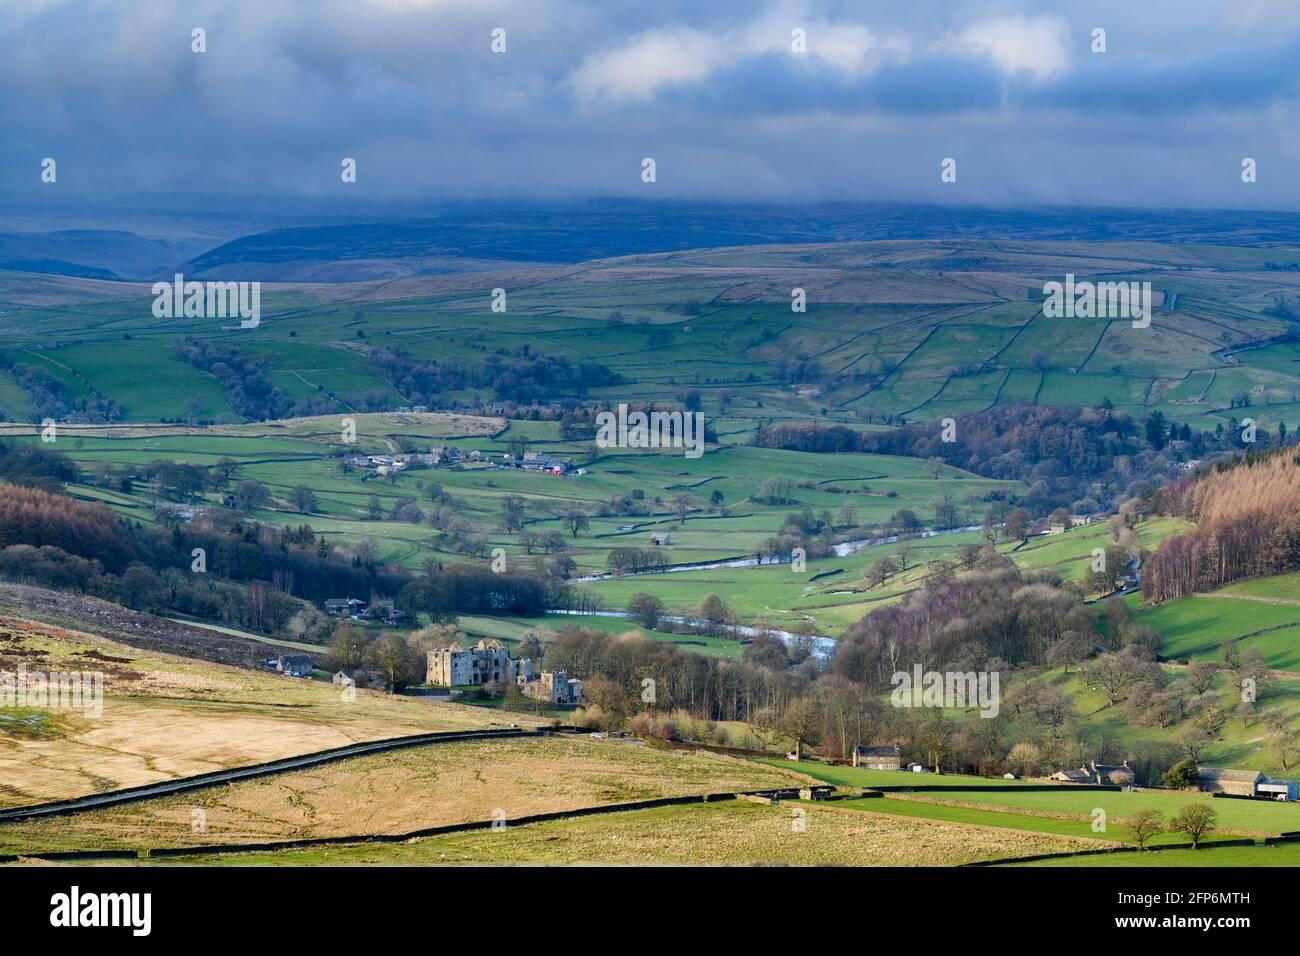 Vista rural escénica de Wharfedale (amplio valle verde, colinas ondulantes, altas colinas y páramos, ruinas iluminadas por el sol de la Torre Barden) - Yorkshire Dales England, Reino Unido Foto de stock